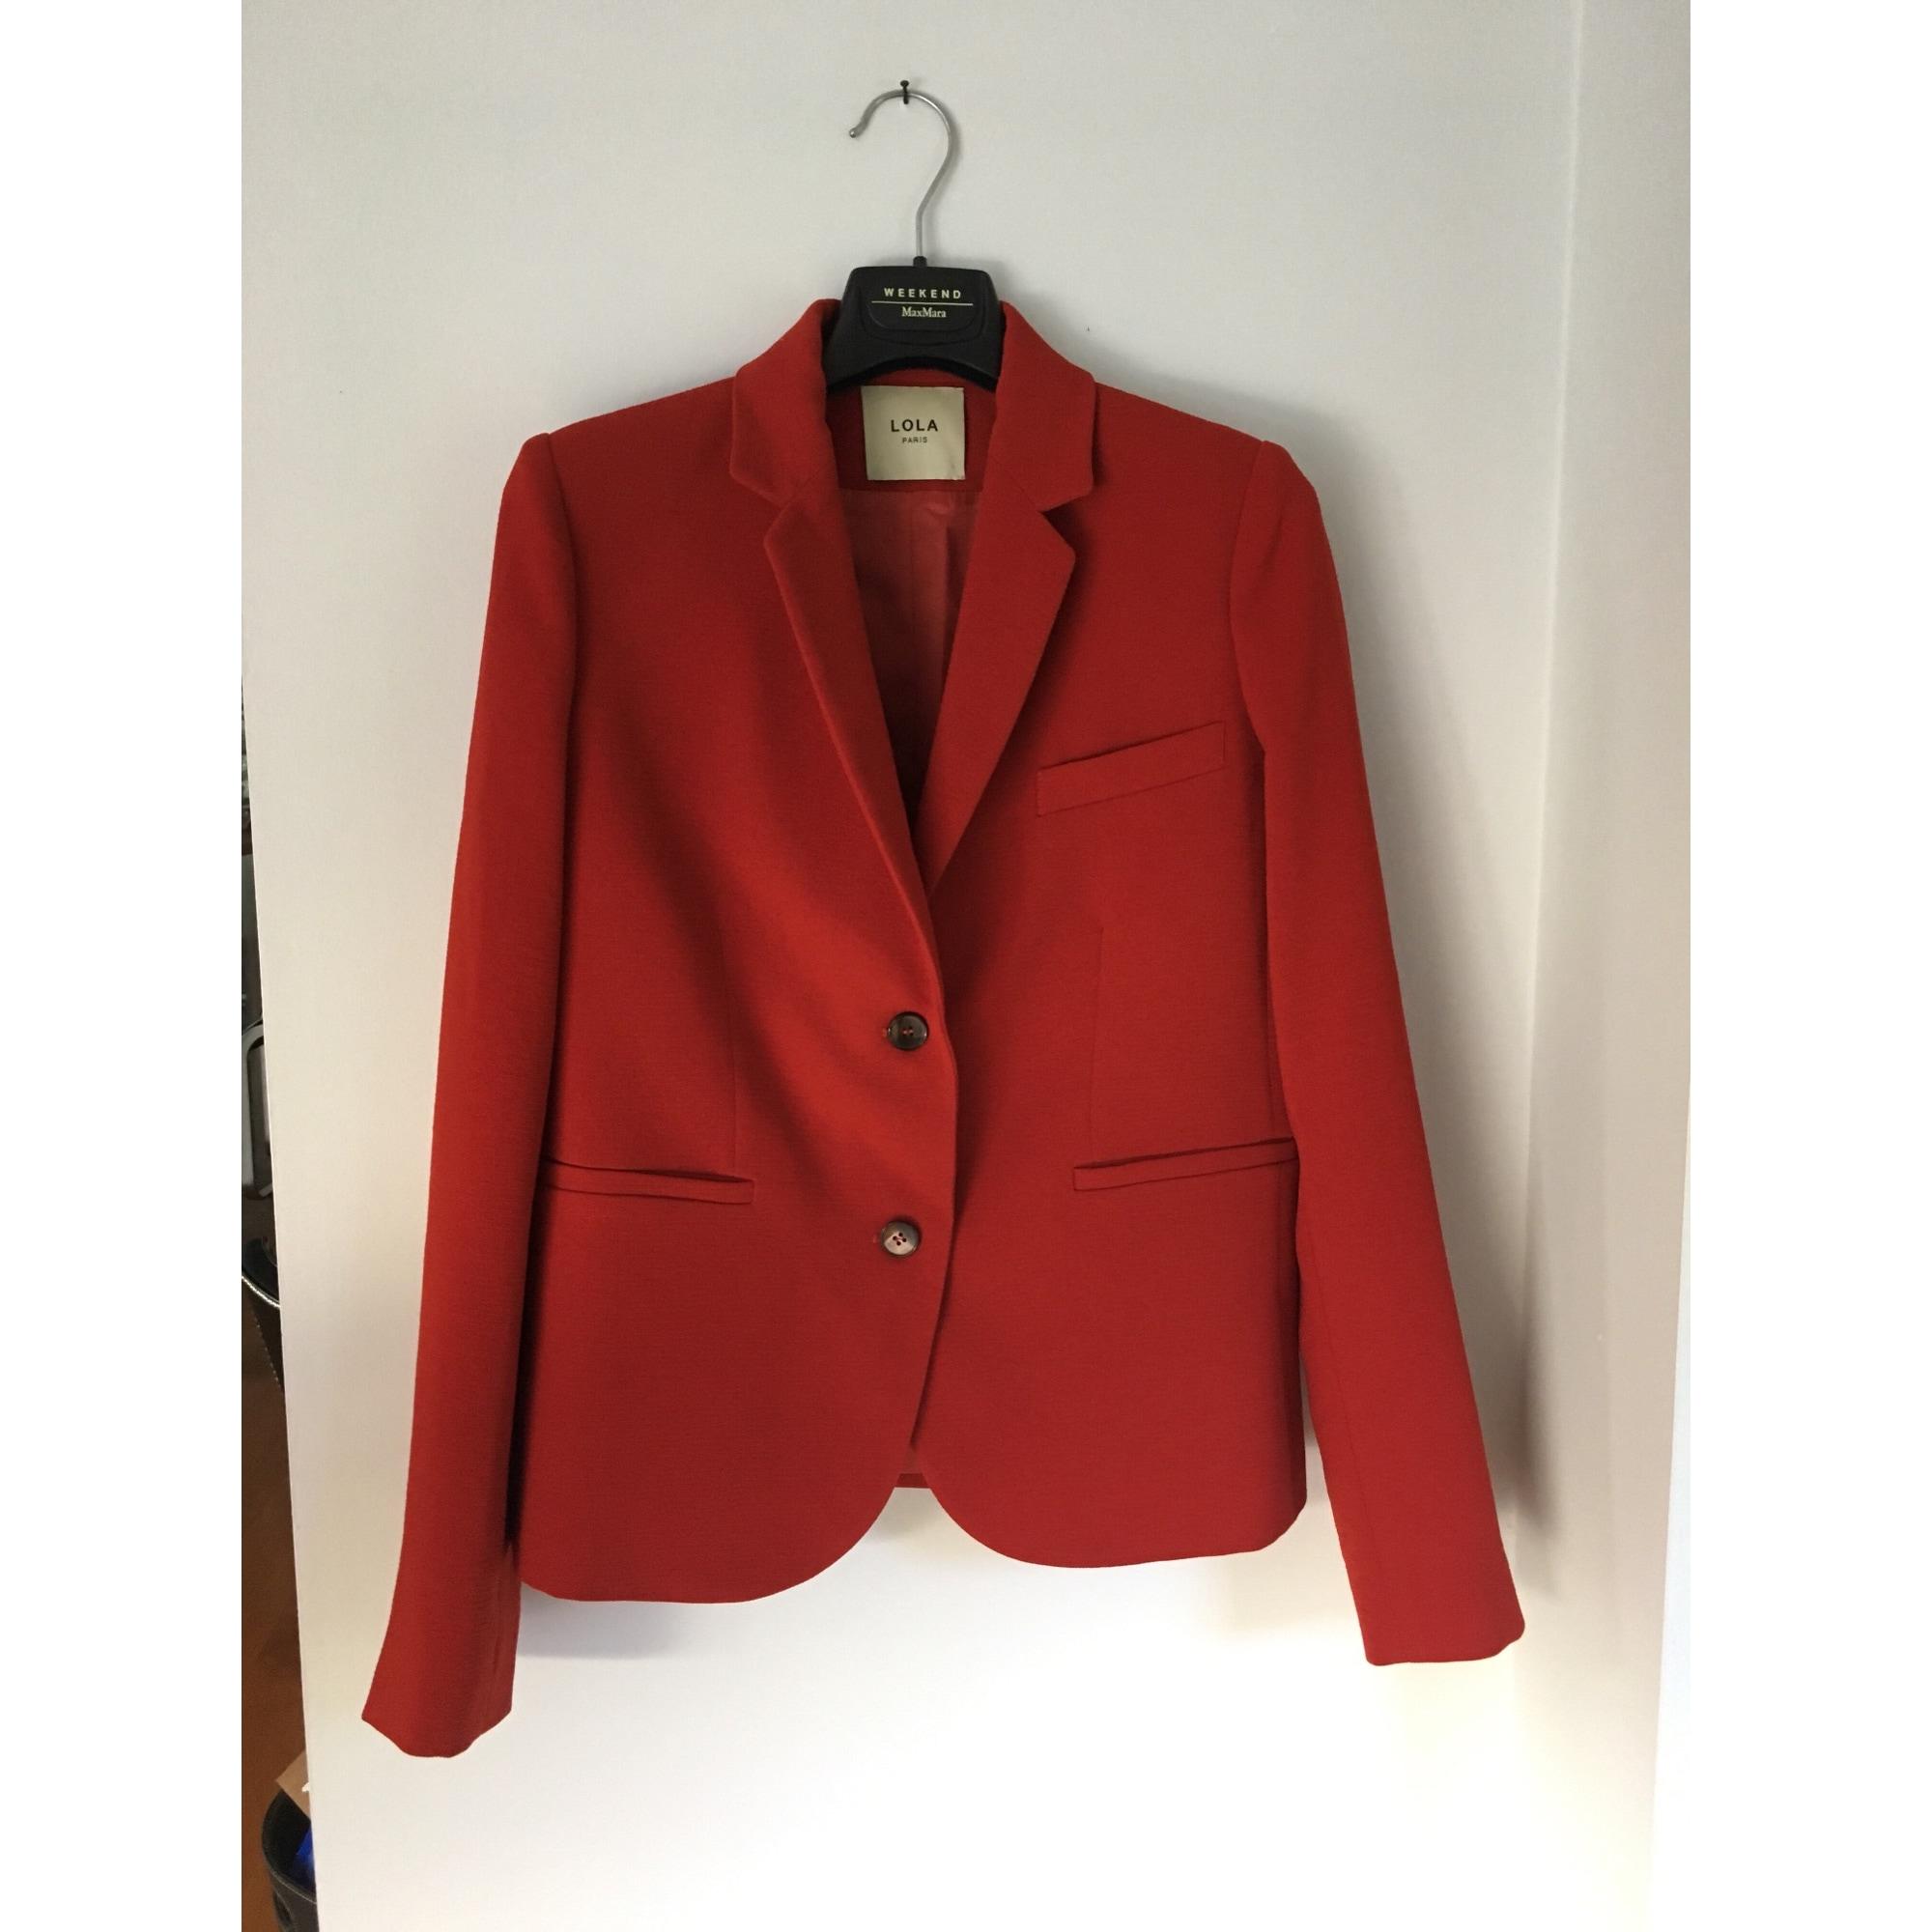 Blazer, veste tailleur LOLA 36 (S, T1) rouge rouille - 7181967 63d58591c312